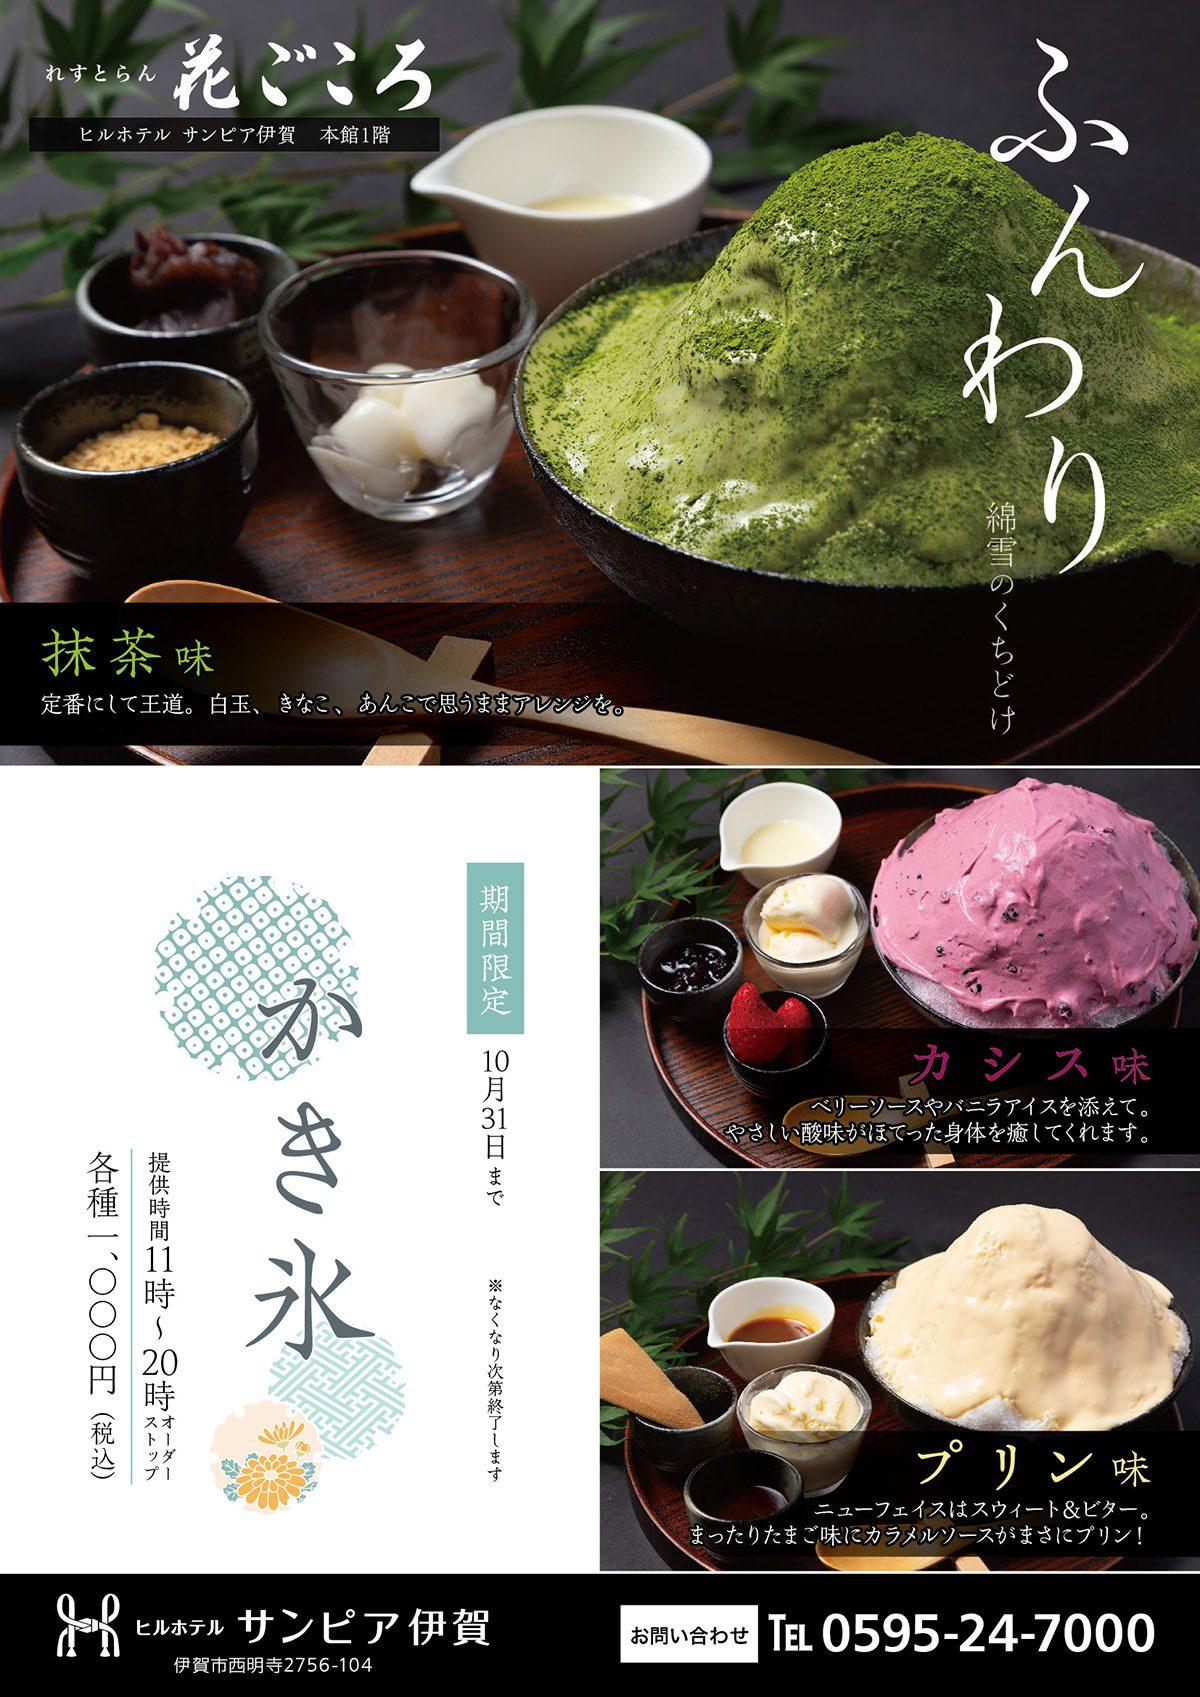 綿雪のくちどけ。新感覚のかき氷3種が各1,000円。抹茶味、カシス味、プリン味。10月31日まで。